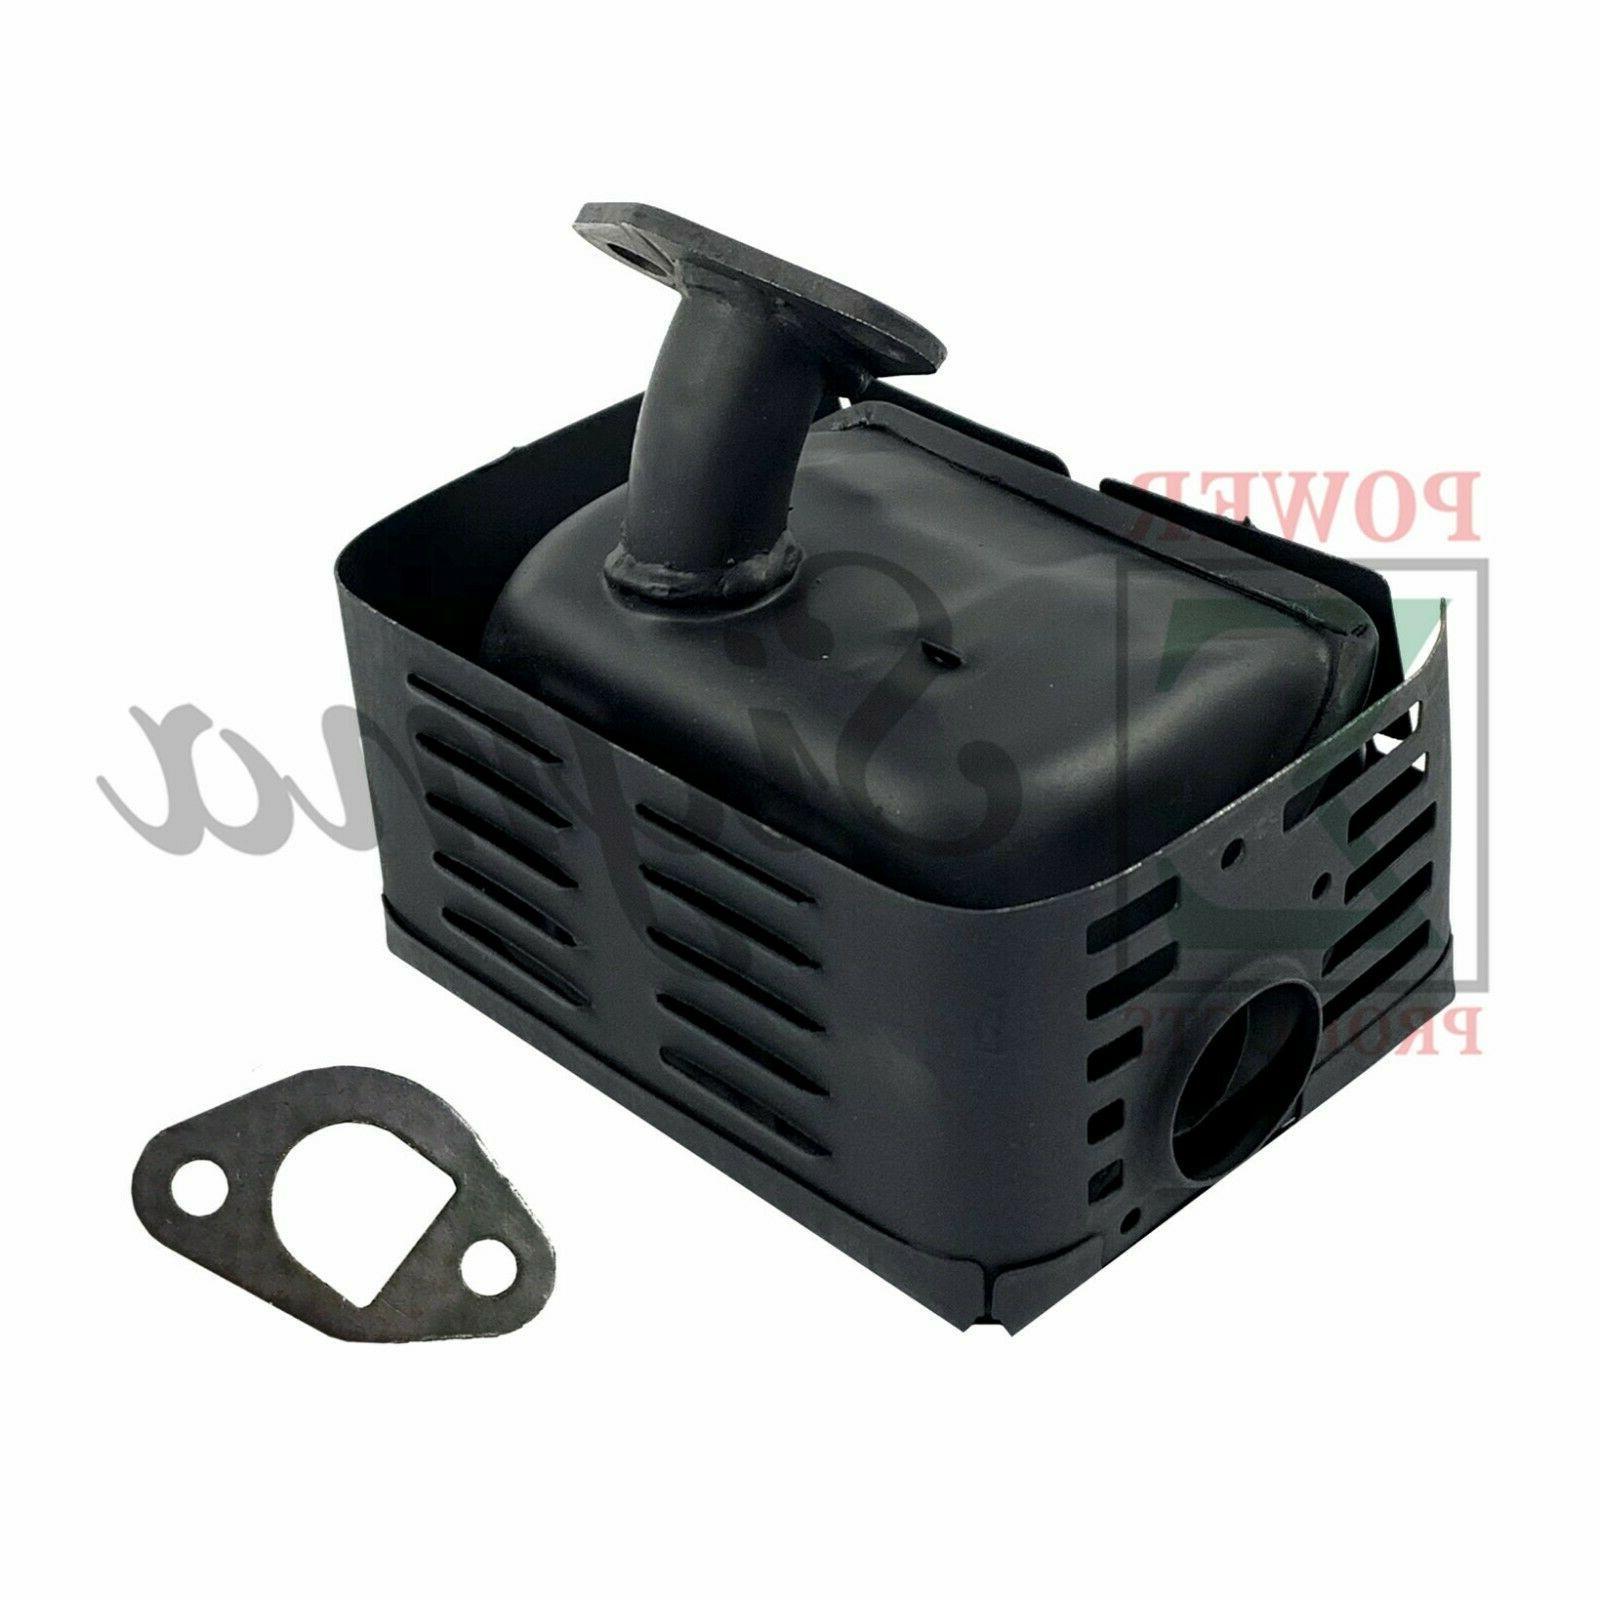 Exhaust Muffler Heat Shield For HS624 Snow